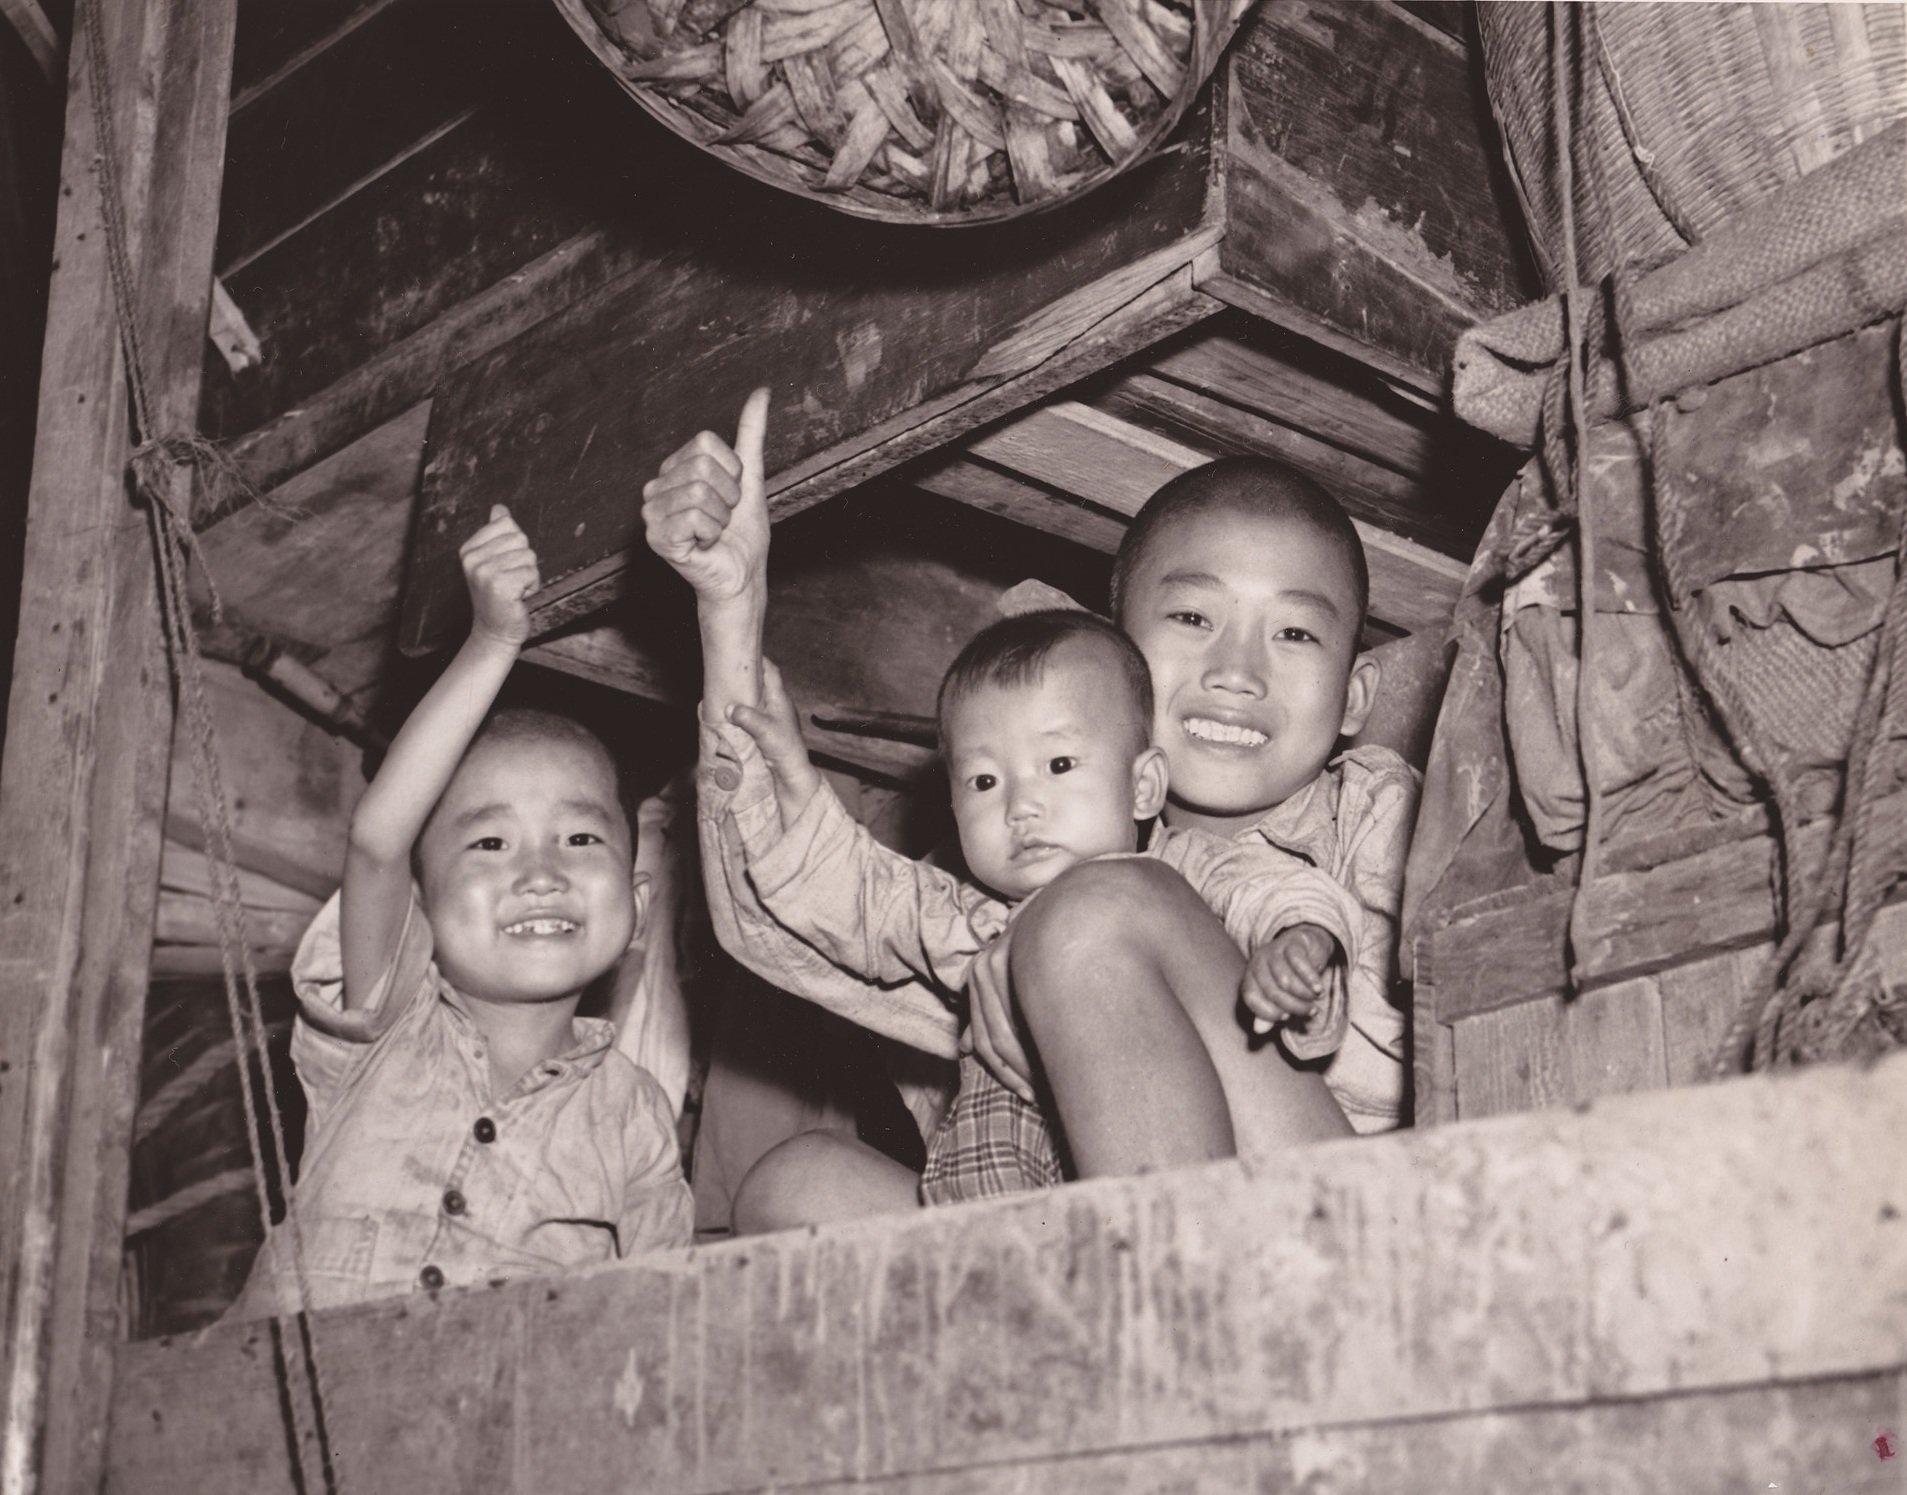 """小朋友彰显中国式的不屈不挠精神,给摄影师摆出骄傲的""""顶好""""手势。拍摄于1944年11月10日。"""